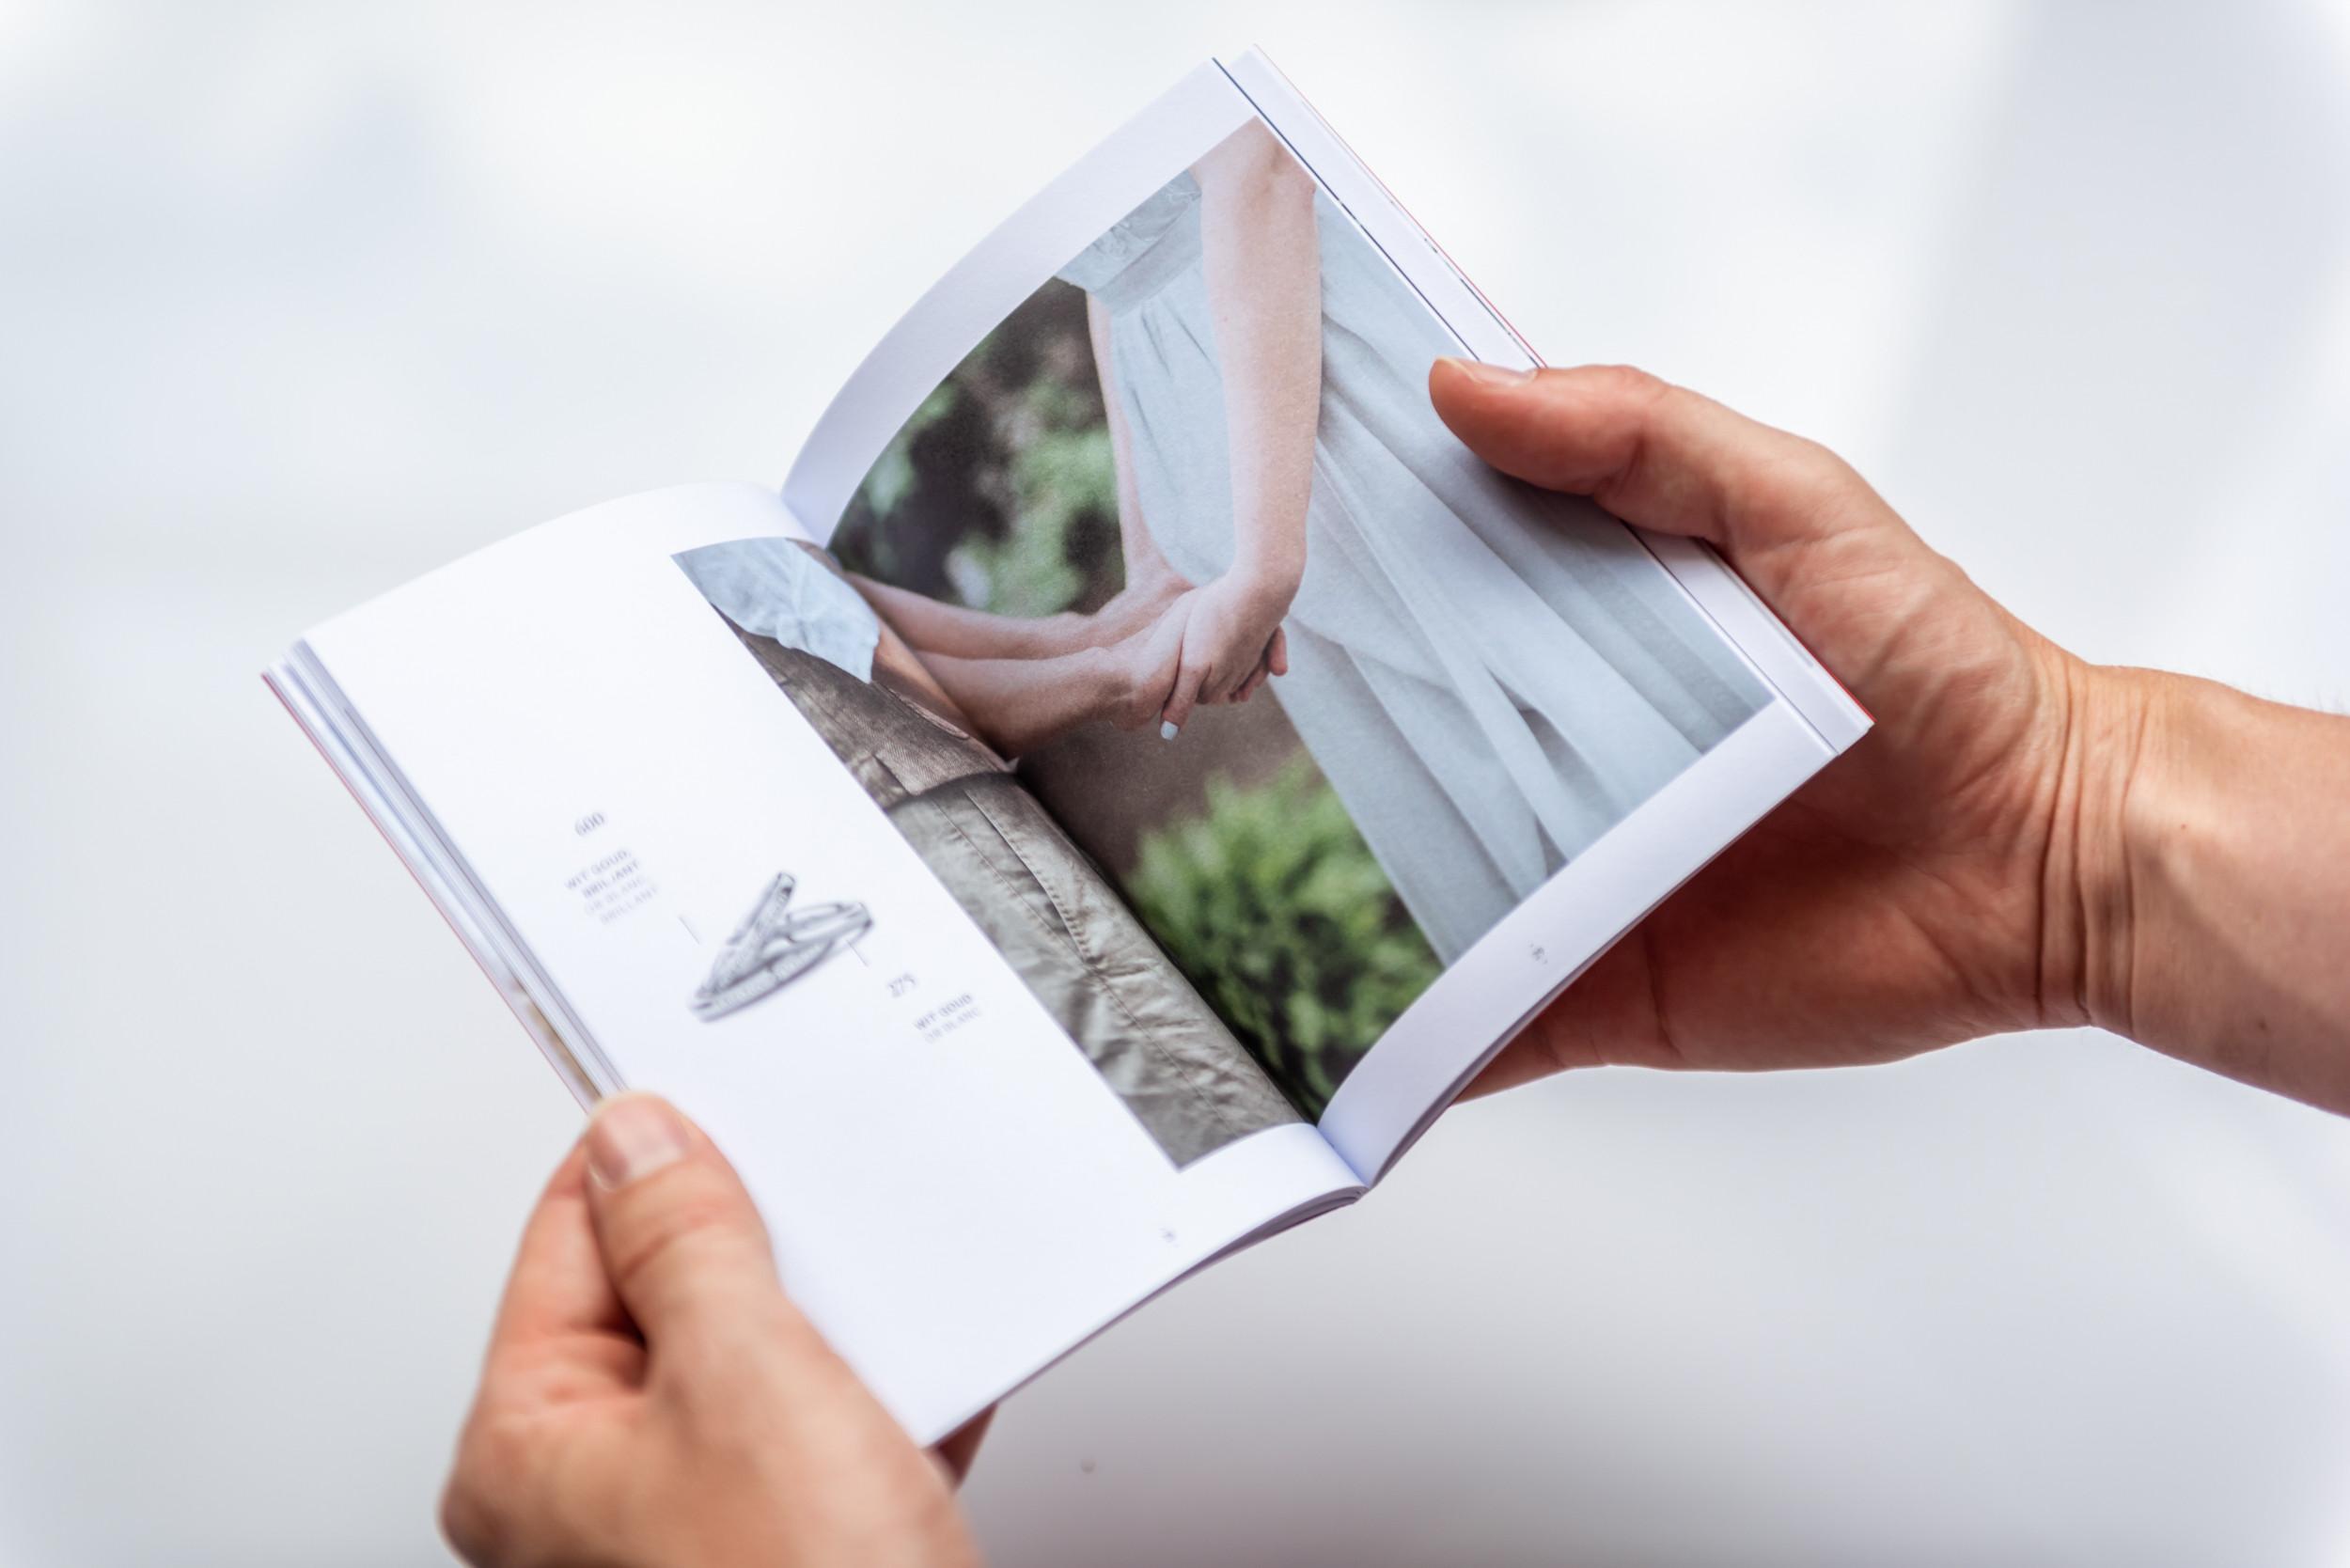 Fotografie en lay-out vormen een mooi geheel in deze folder van DUO Trouwringen